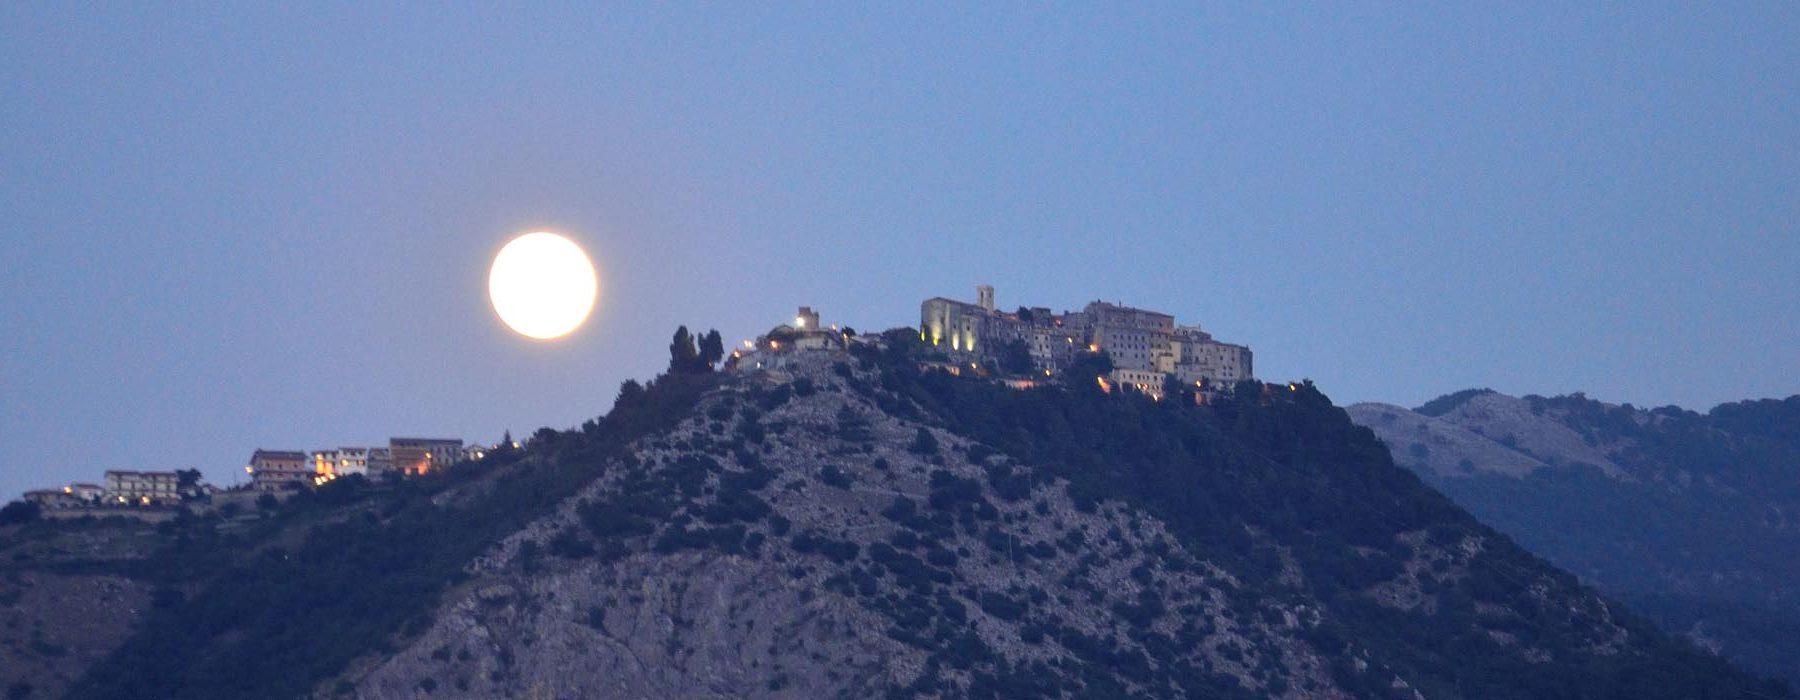 Rocca Massima: ein altes Dorf mit atemberaubender Aussicht